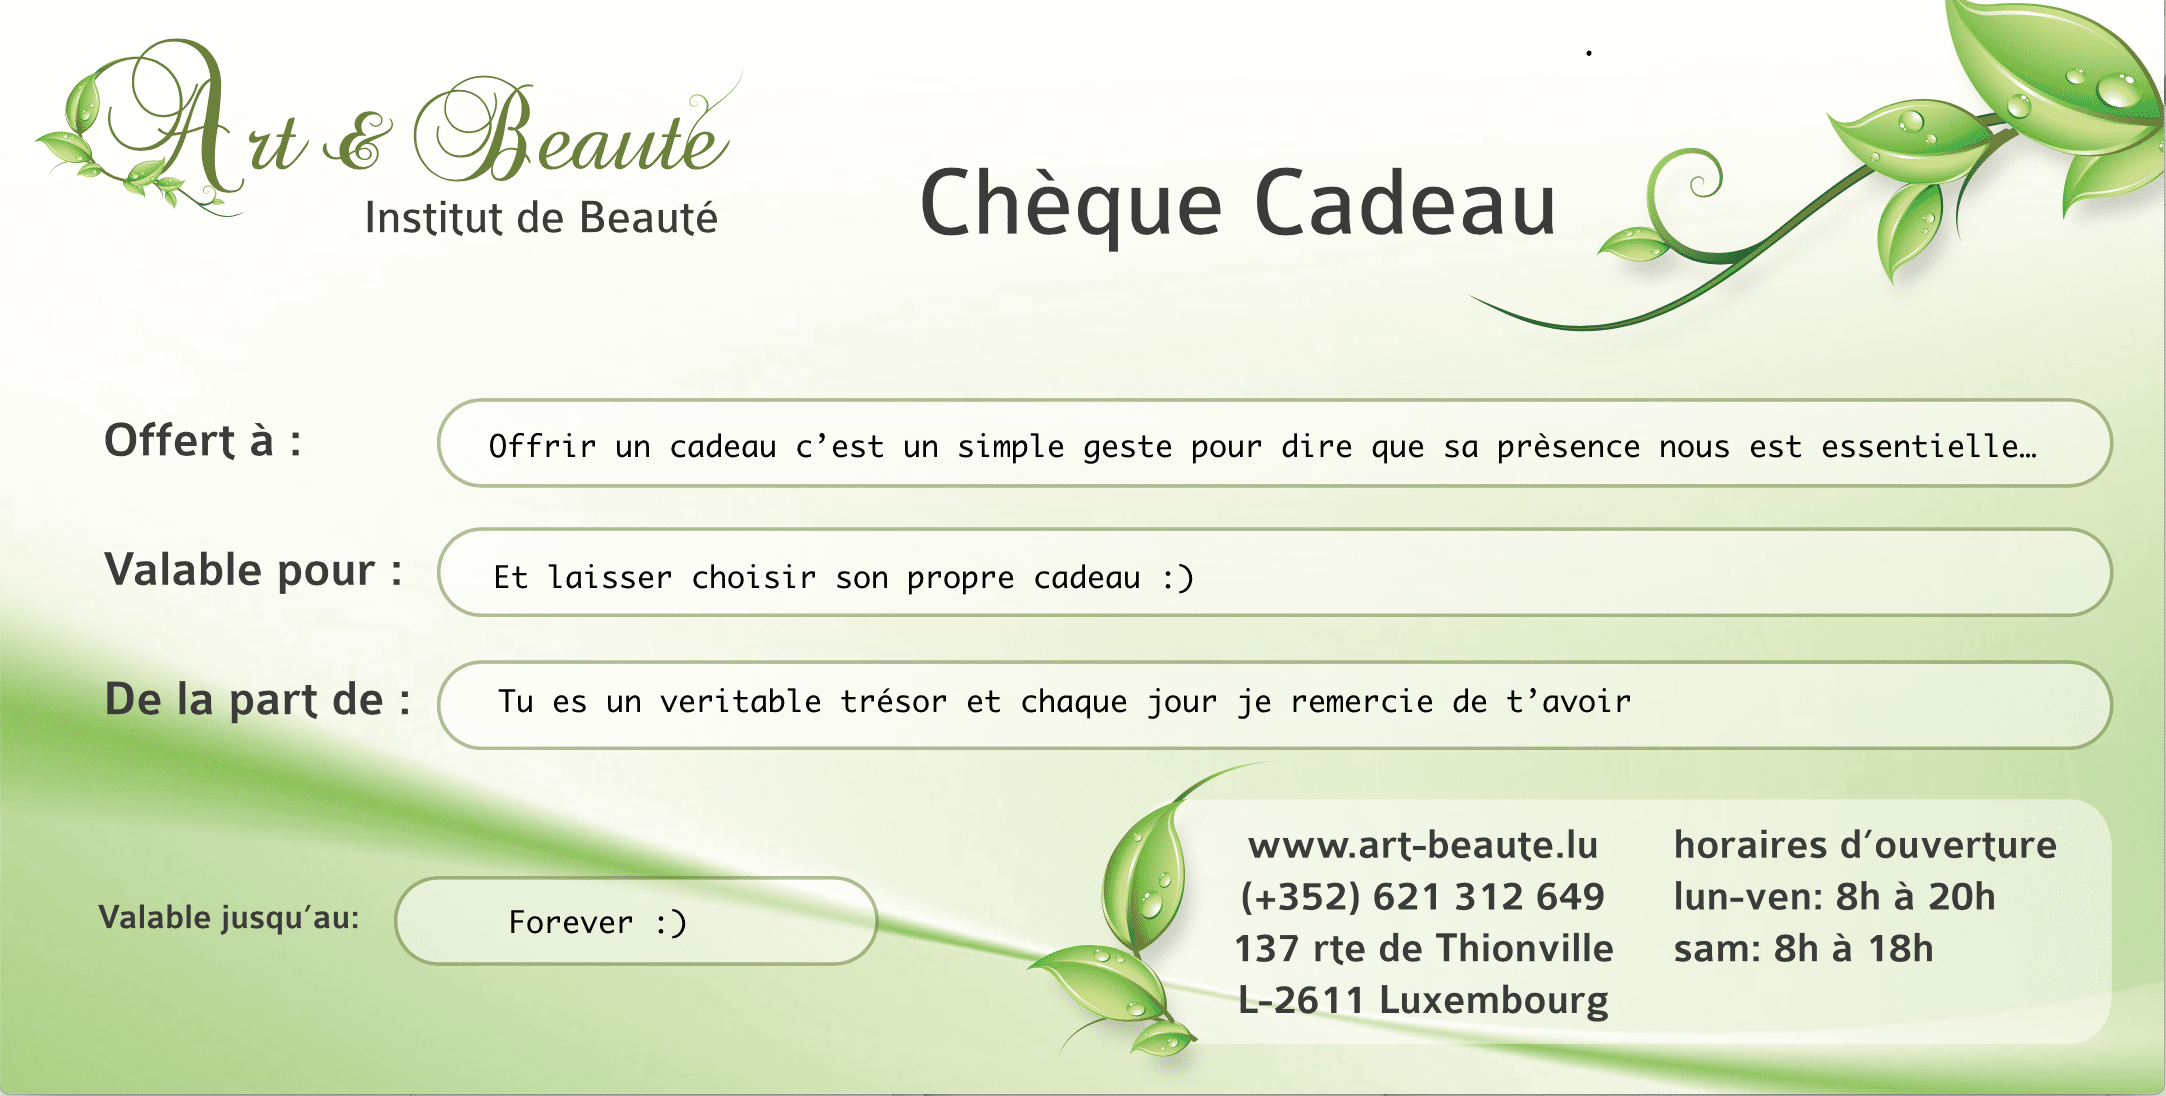 chèque Cadeau Art et Beaute